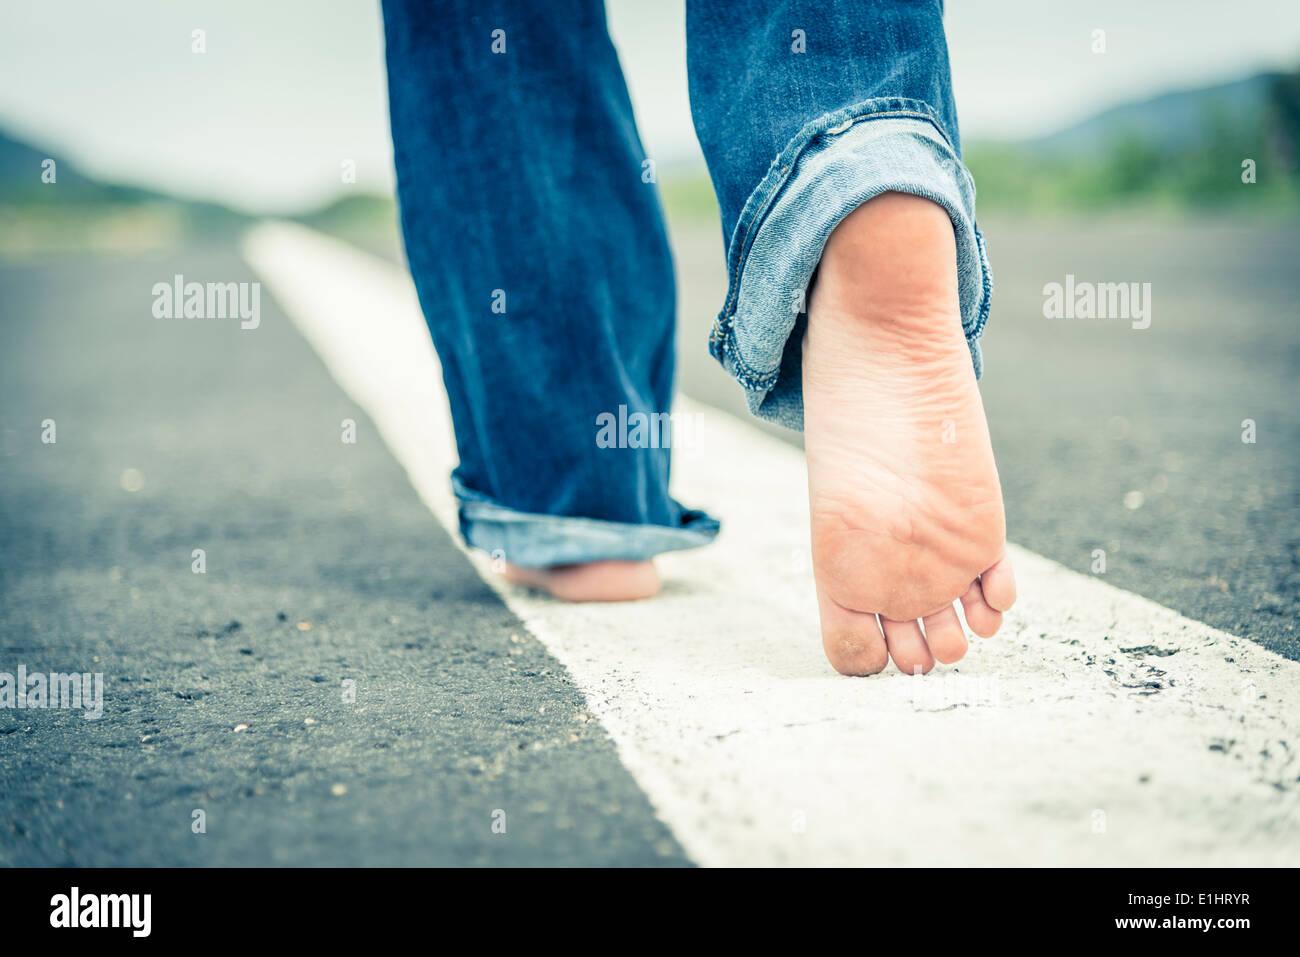 Jeune femme marchant pieds nus sur la ligne centrale de la rue vide, vue partielle Photo Stock